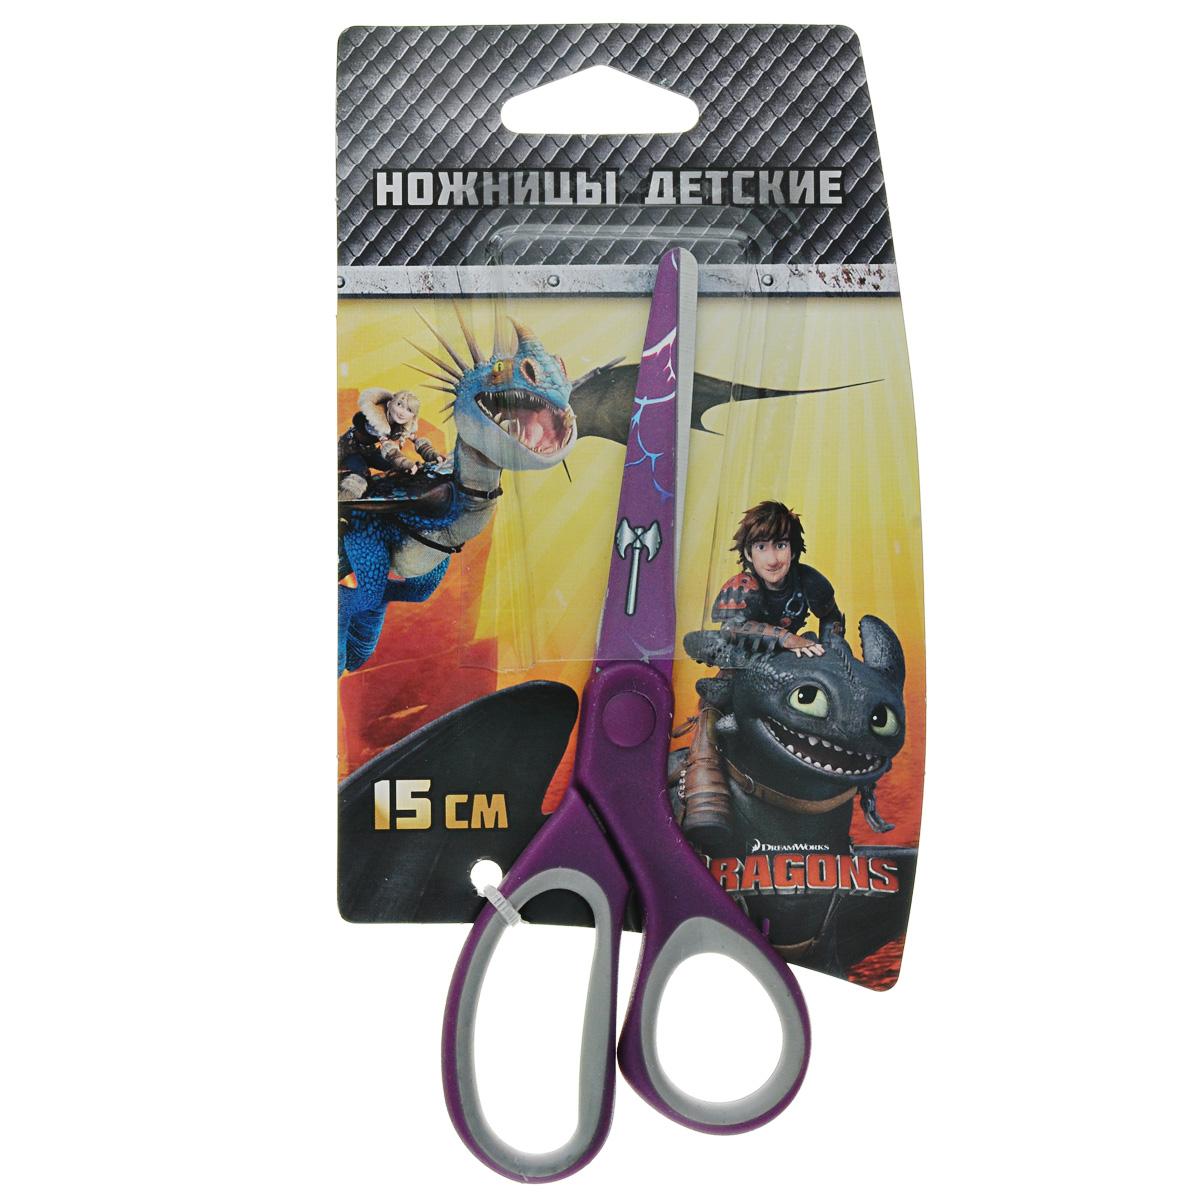 Ножницы детские Action Dragons, цвет: фиолетовый, 15 смC37329/DR-ASC265_фиолетовыйДетские ножницы Action Dragons с безопасными закругленными лезвиями изготовлены из высококачественной нержавеющей стали. Лезвия с наружной стороны оформлены декоративным рисунком. Облегченные ручки ножниц адаптированы для детской руки. Вашему ребенку будет настоящим удовольствием делать с ножницами Action Dragons различные аппликации из бумаги или других материалов.